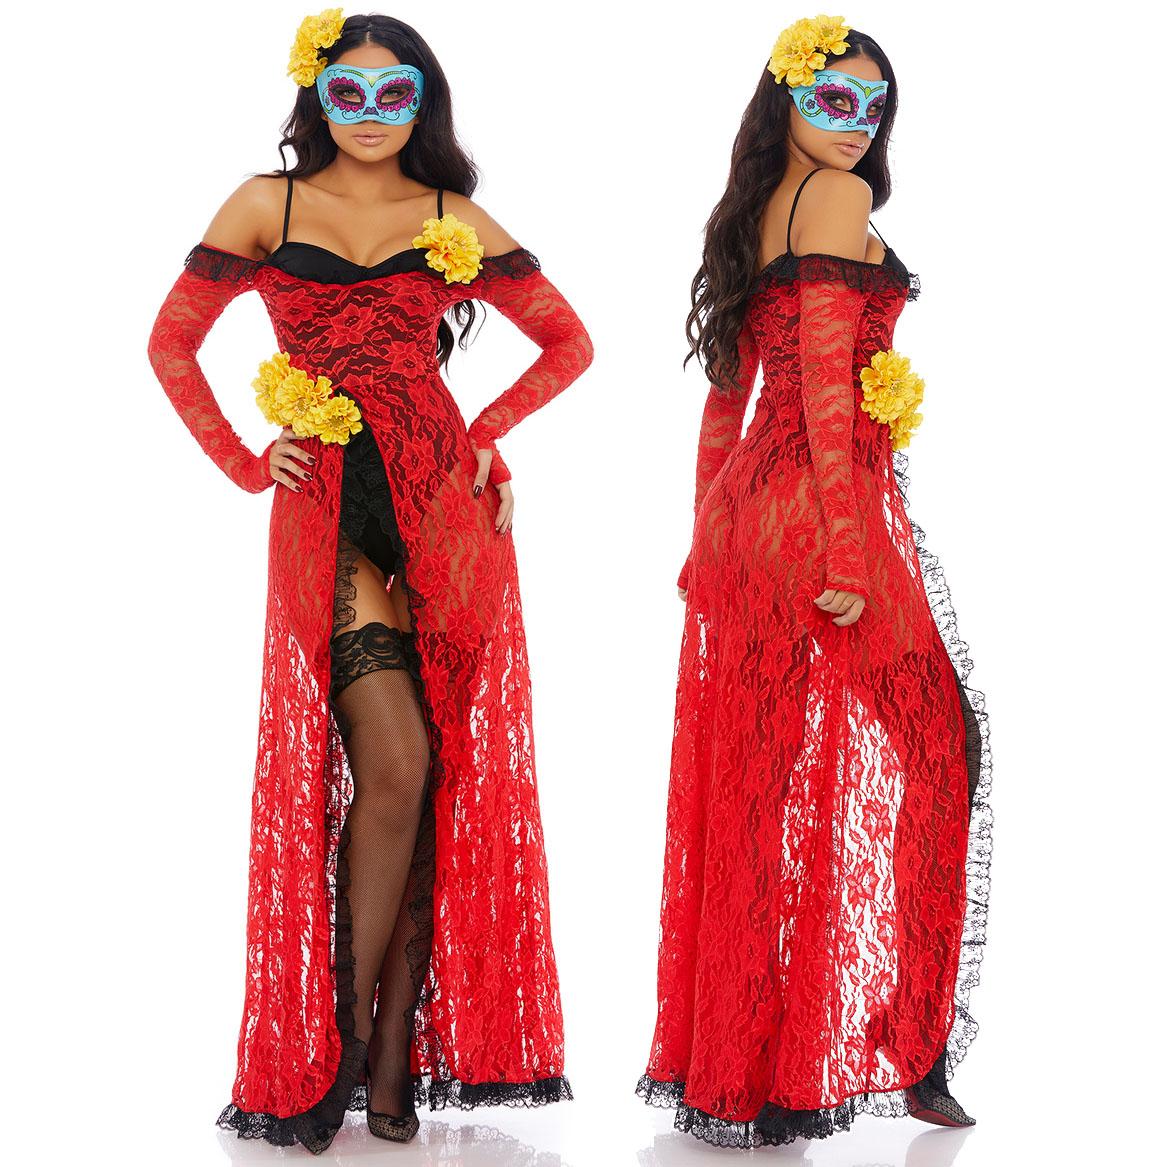 海外ブランド ForPlay フォープレイ コスチューム レディース 大人コスプレ ハロウィン衣装 ラテンアメリカ Day of the Dead2点セット パーティー パレード